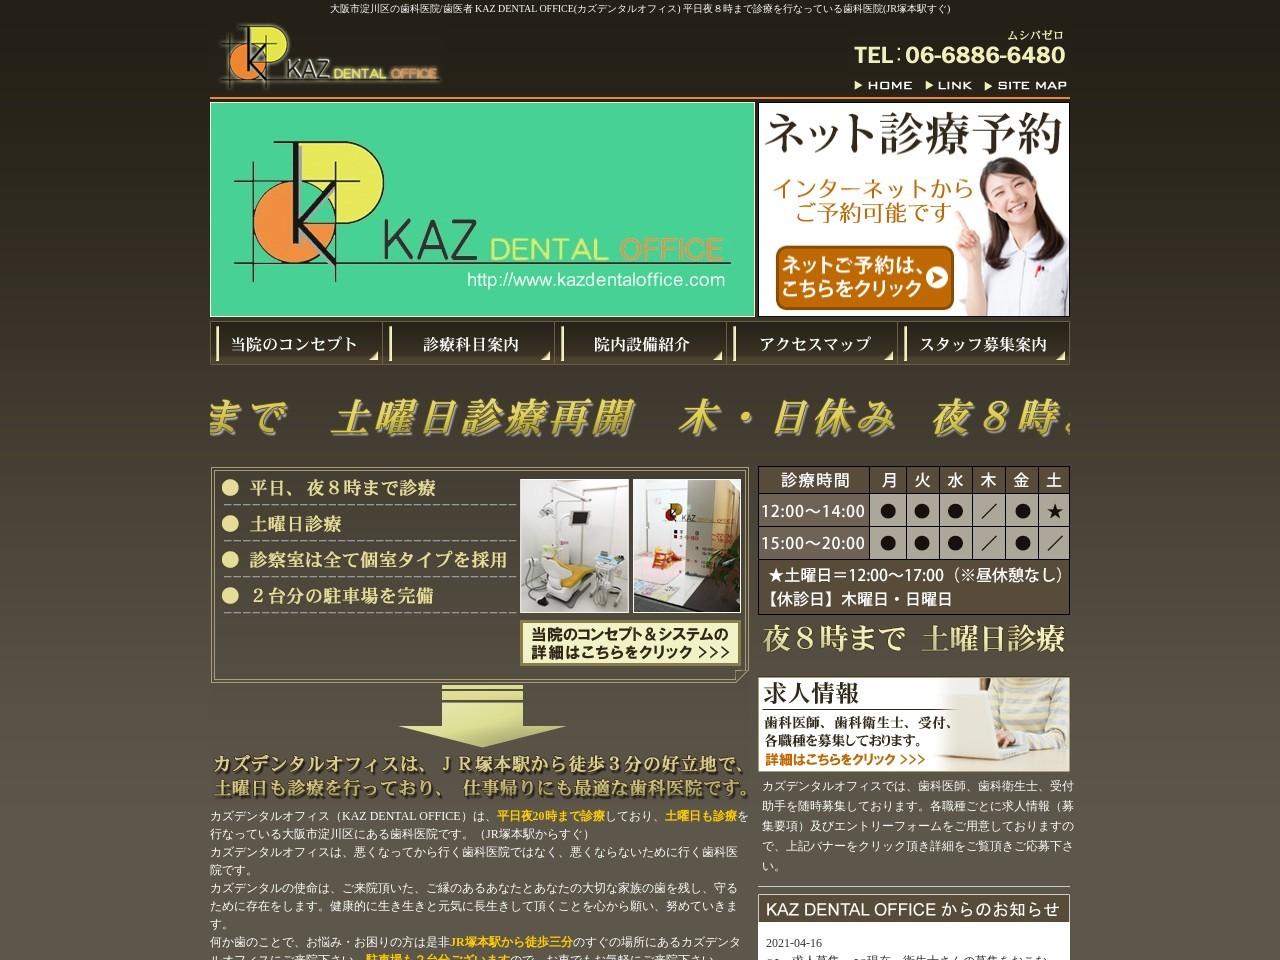 KAZ DENTAL OFFICE (大阪府大阪市淀川区)